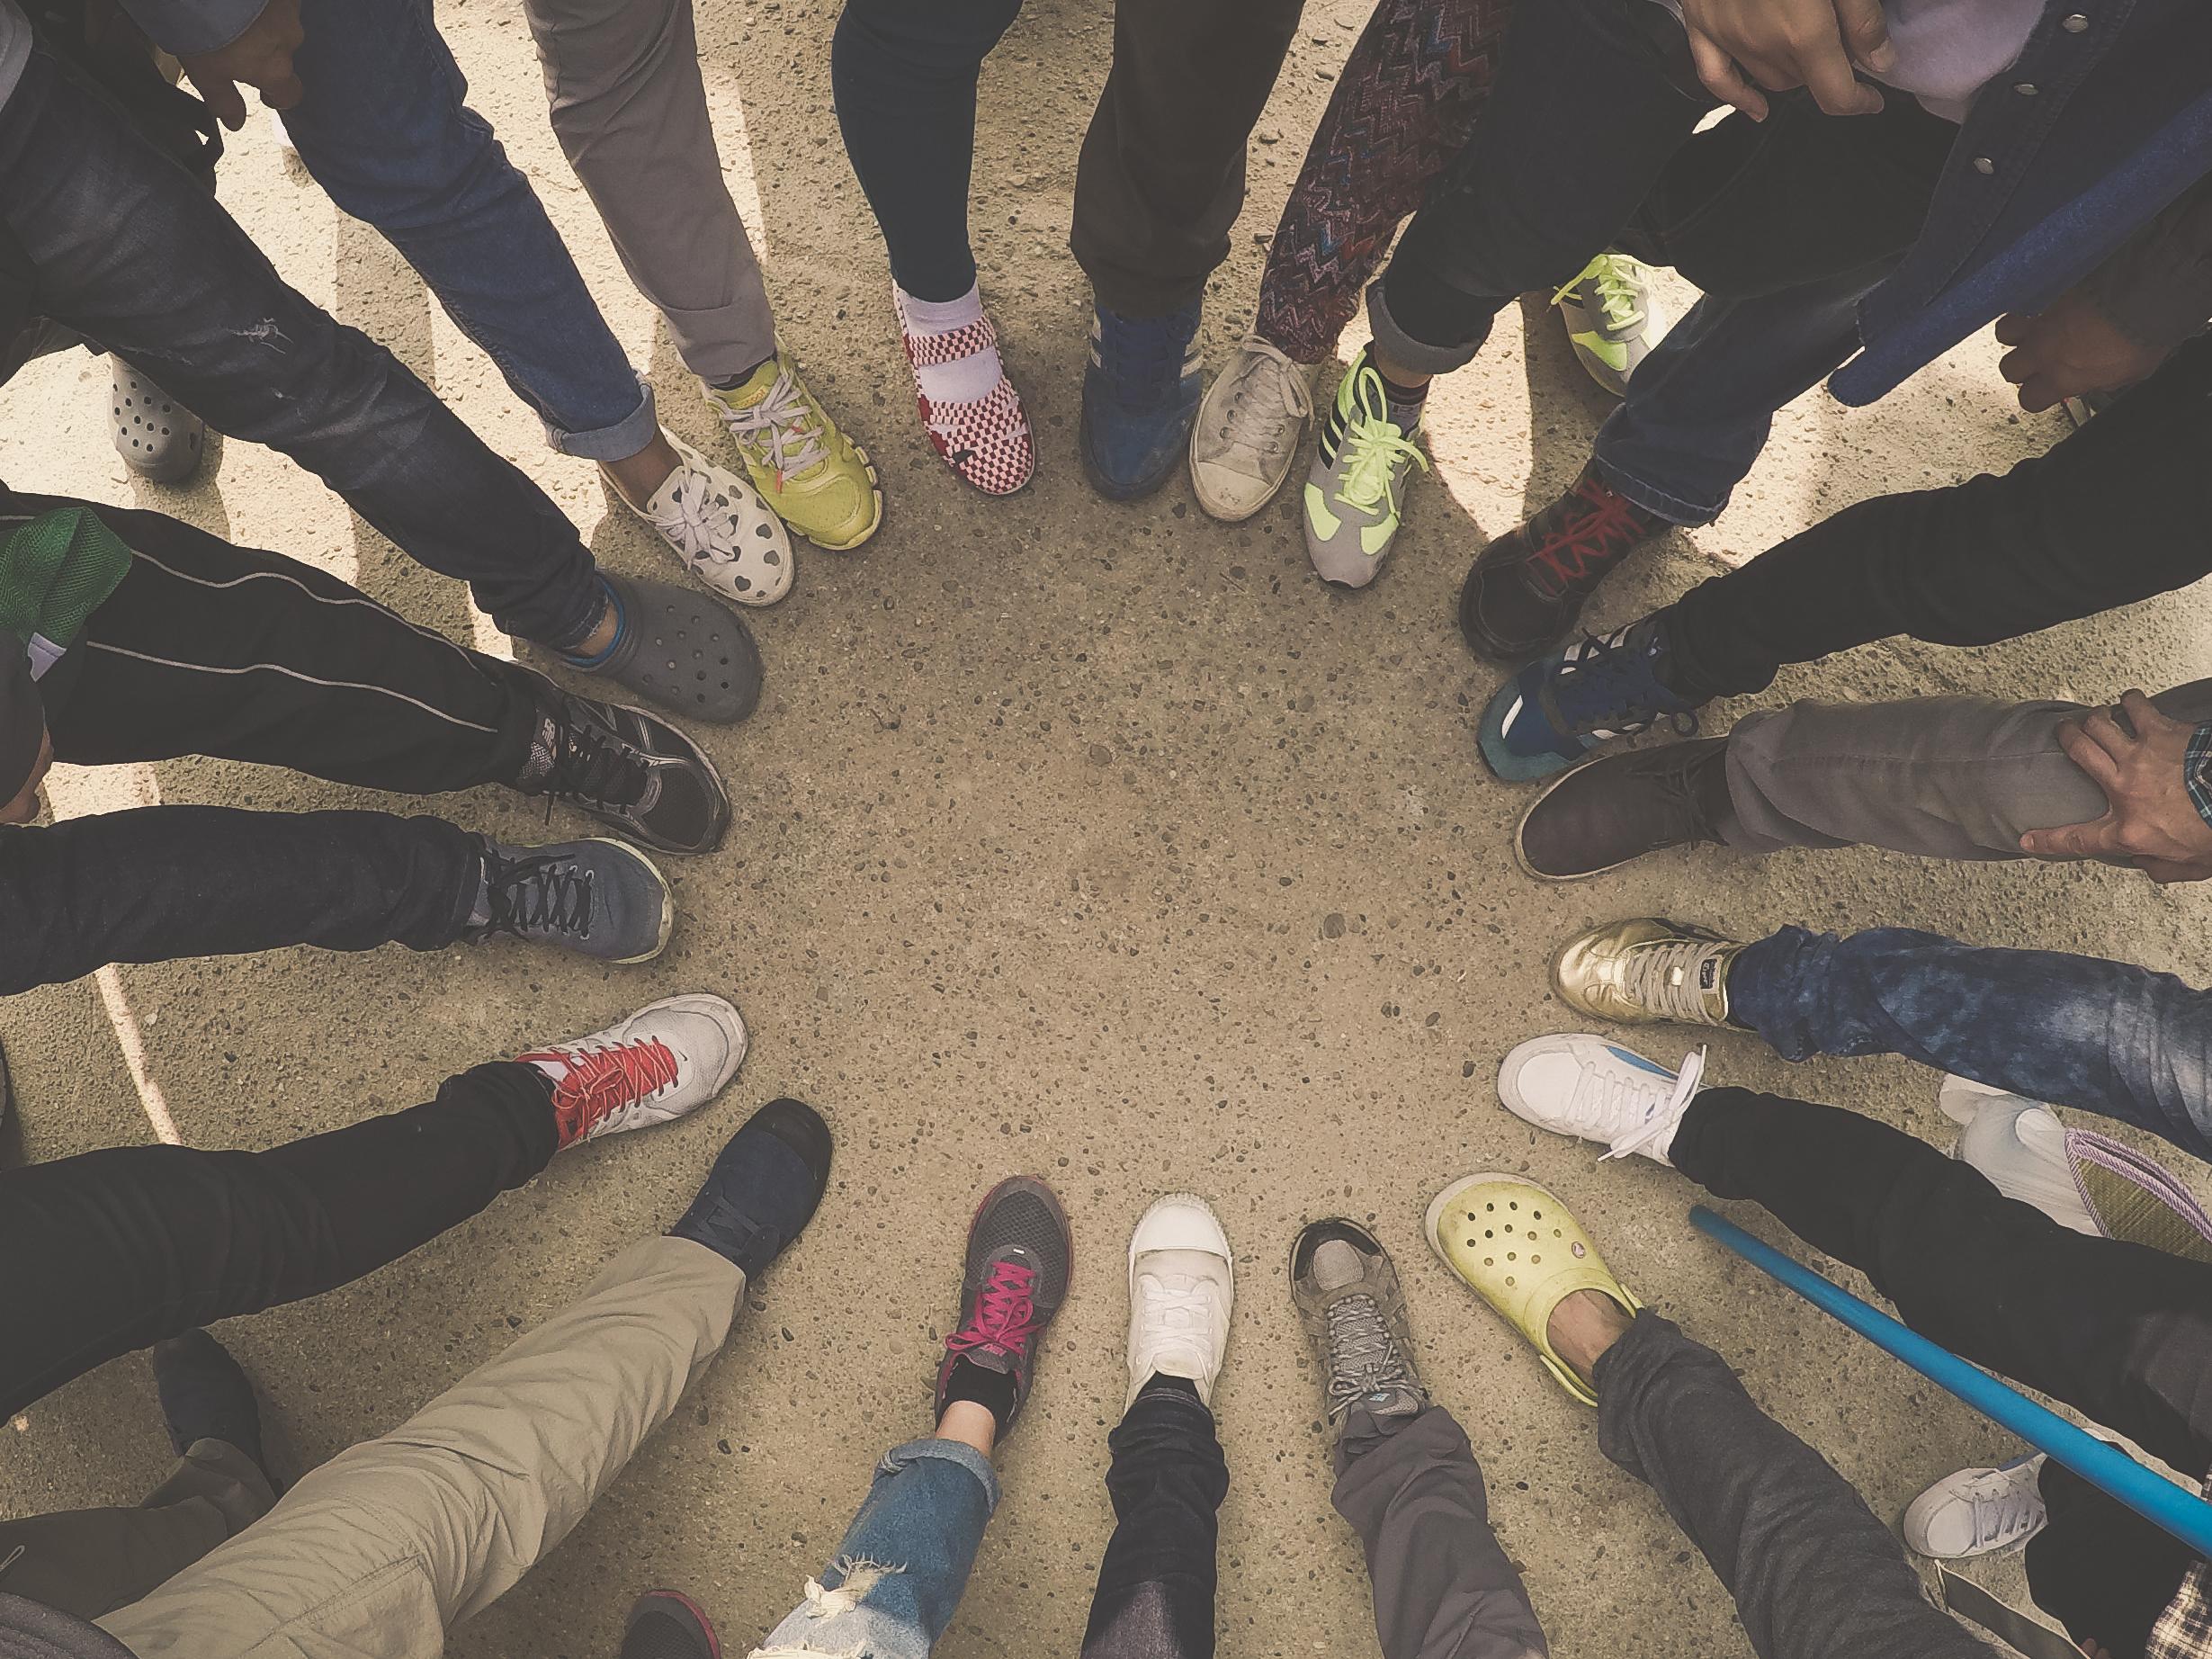 KIWI's Shoes Charity Drive